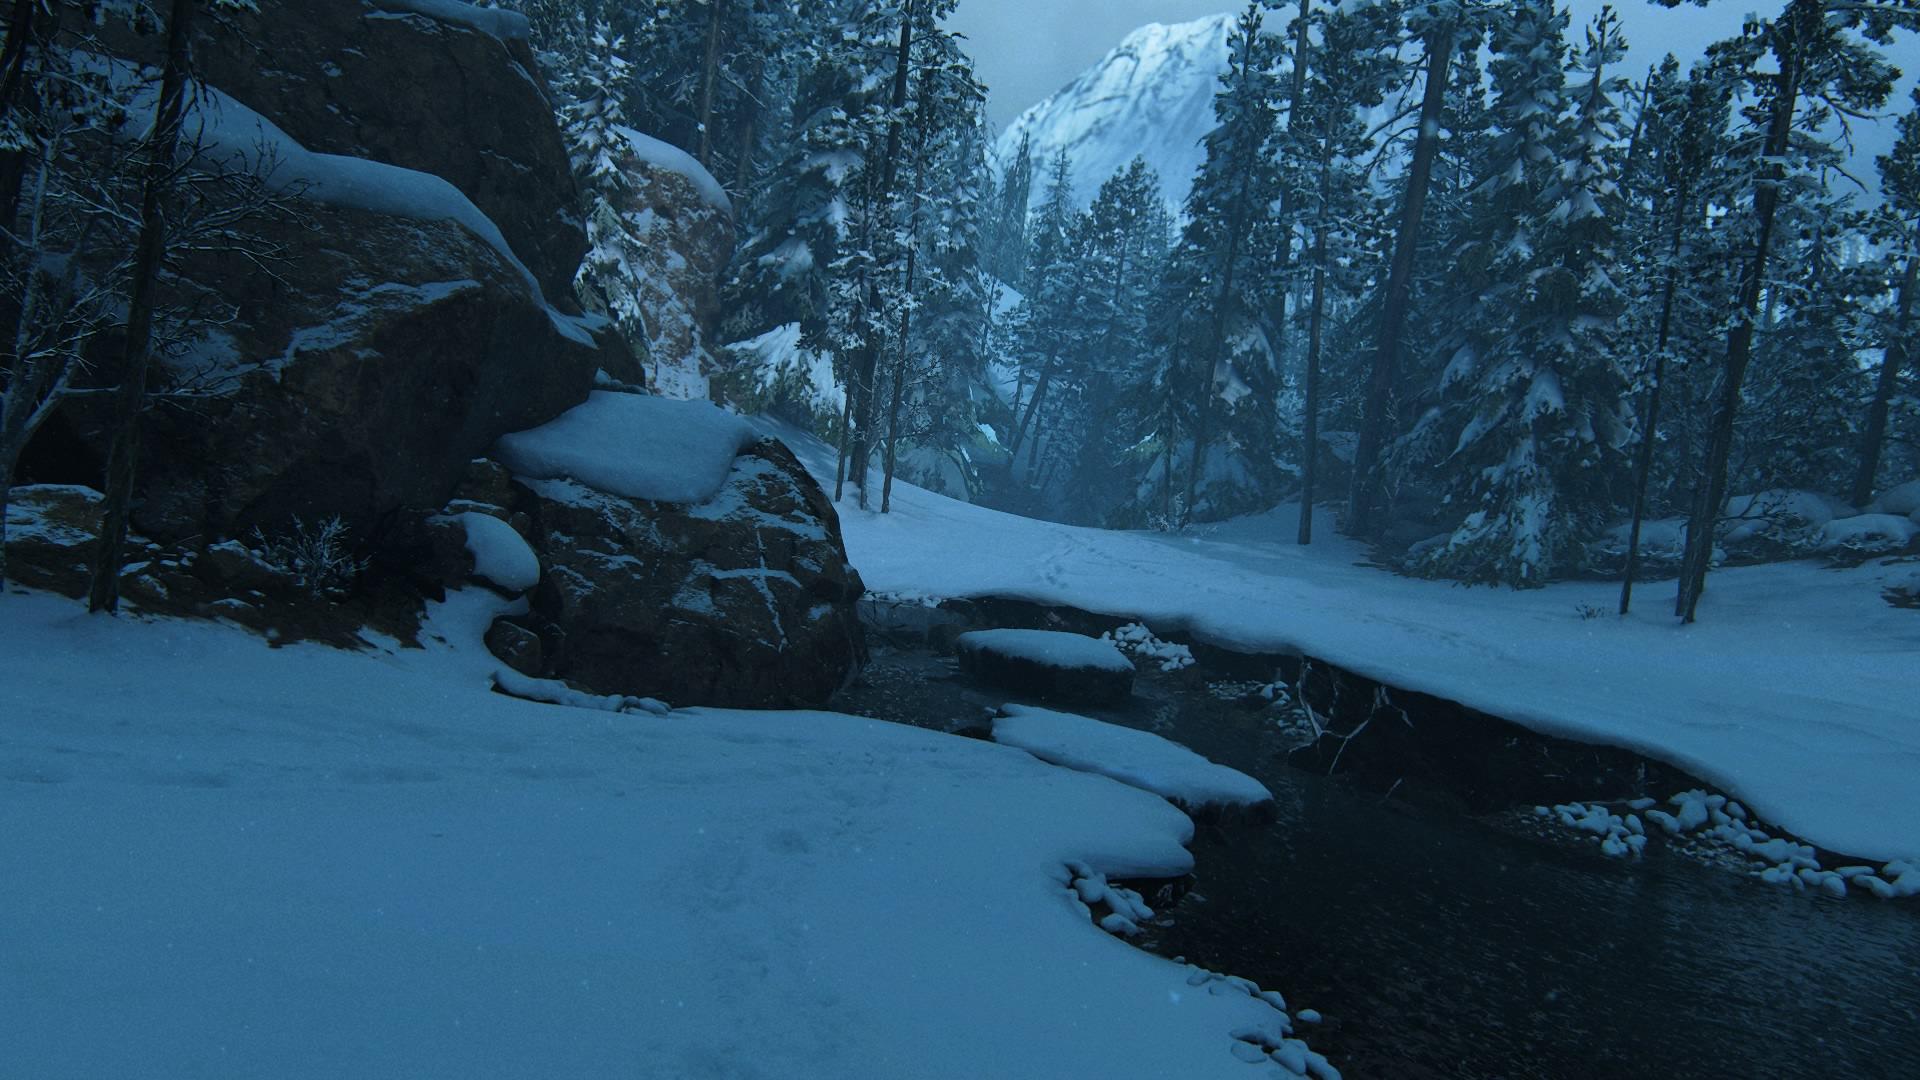 An Malerischen Verschneiten Waldbächen ...